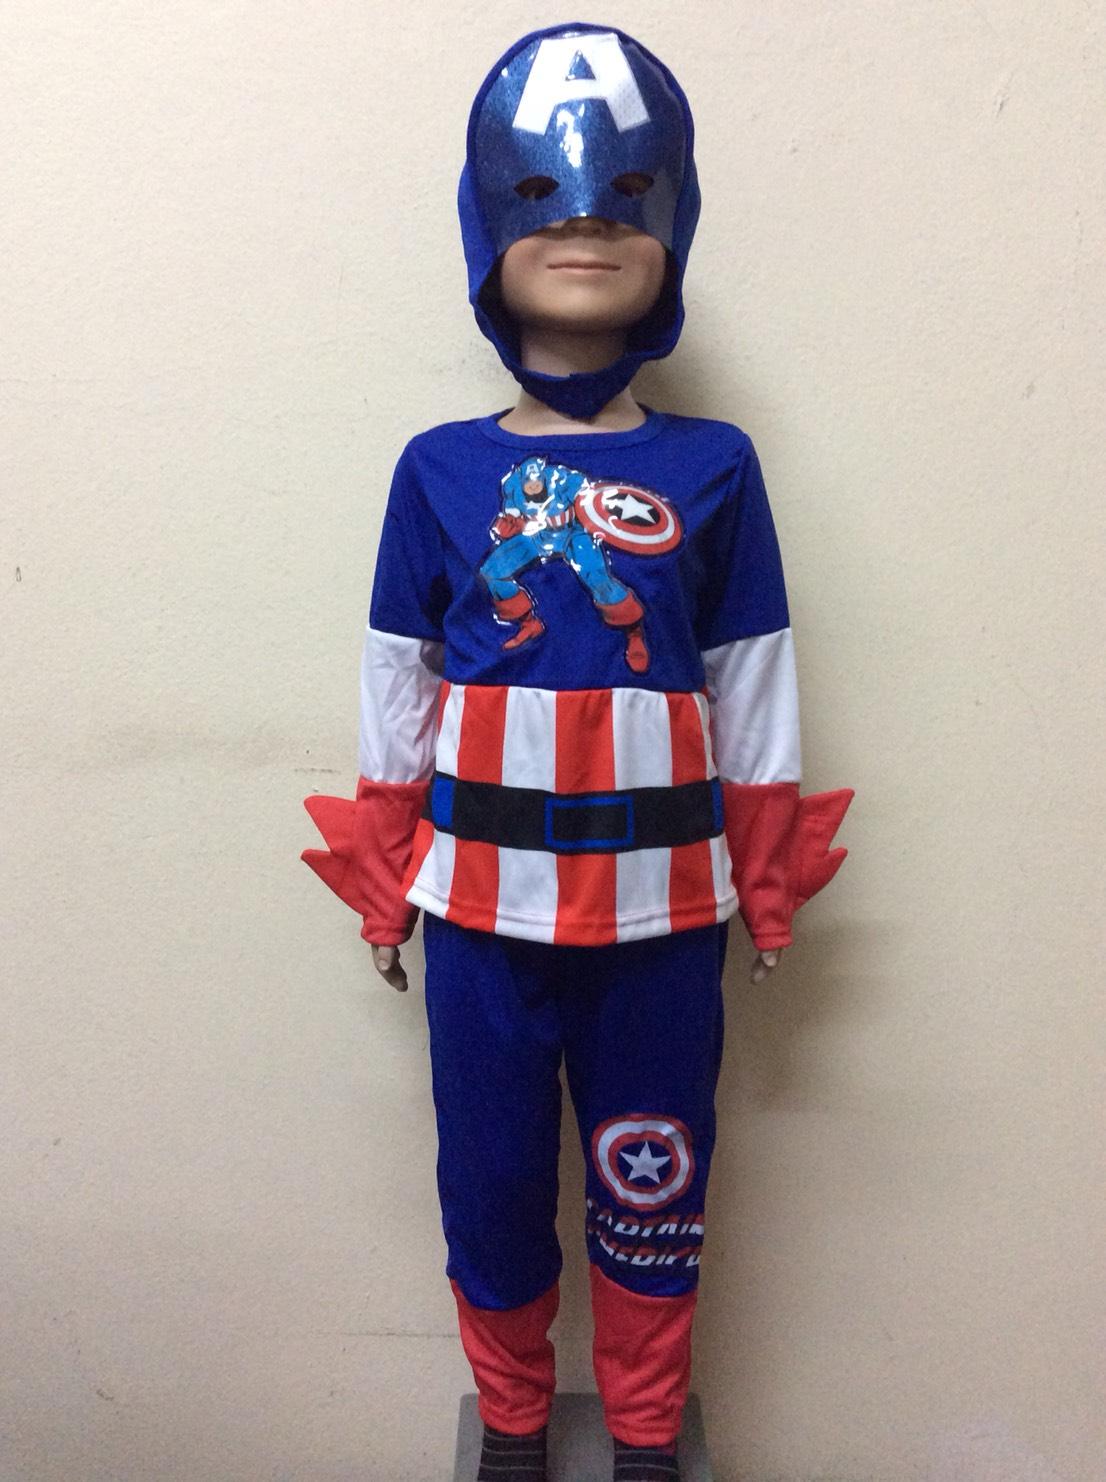 ชุดกัปตันอเมริกา Captain America มีไฟกระพริบ ลิขสิทธิ์แท้